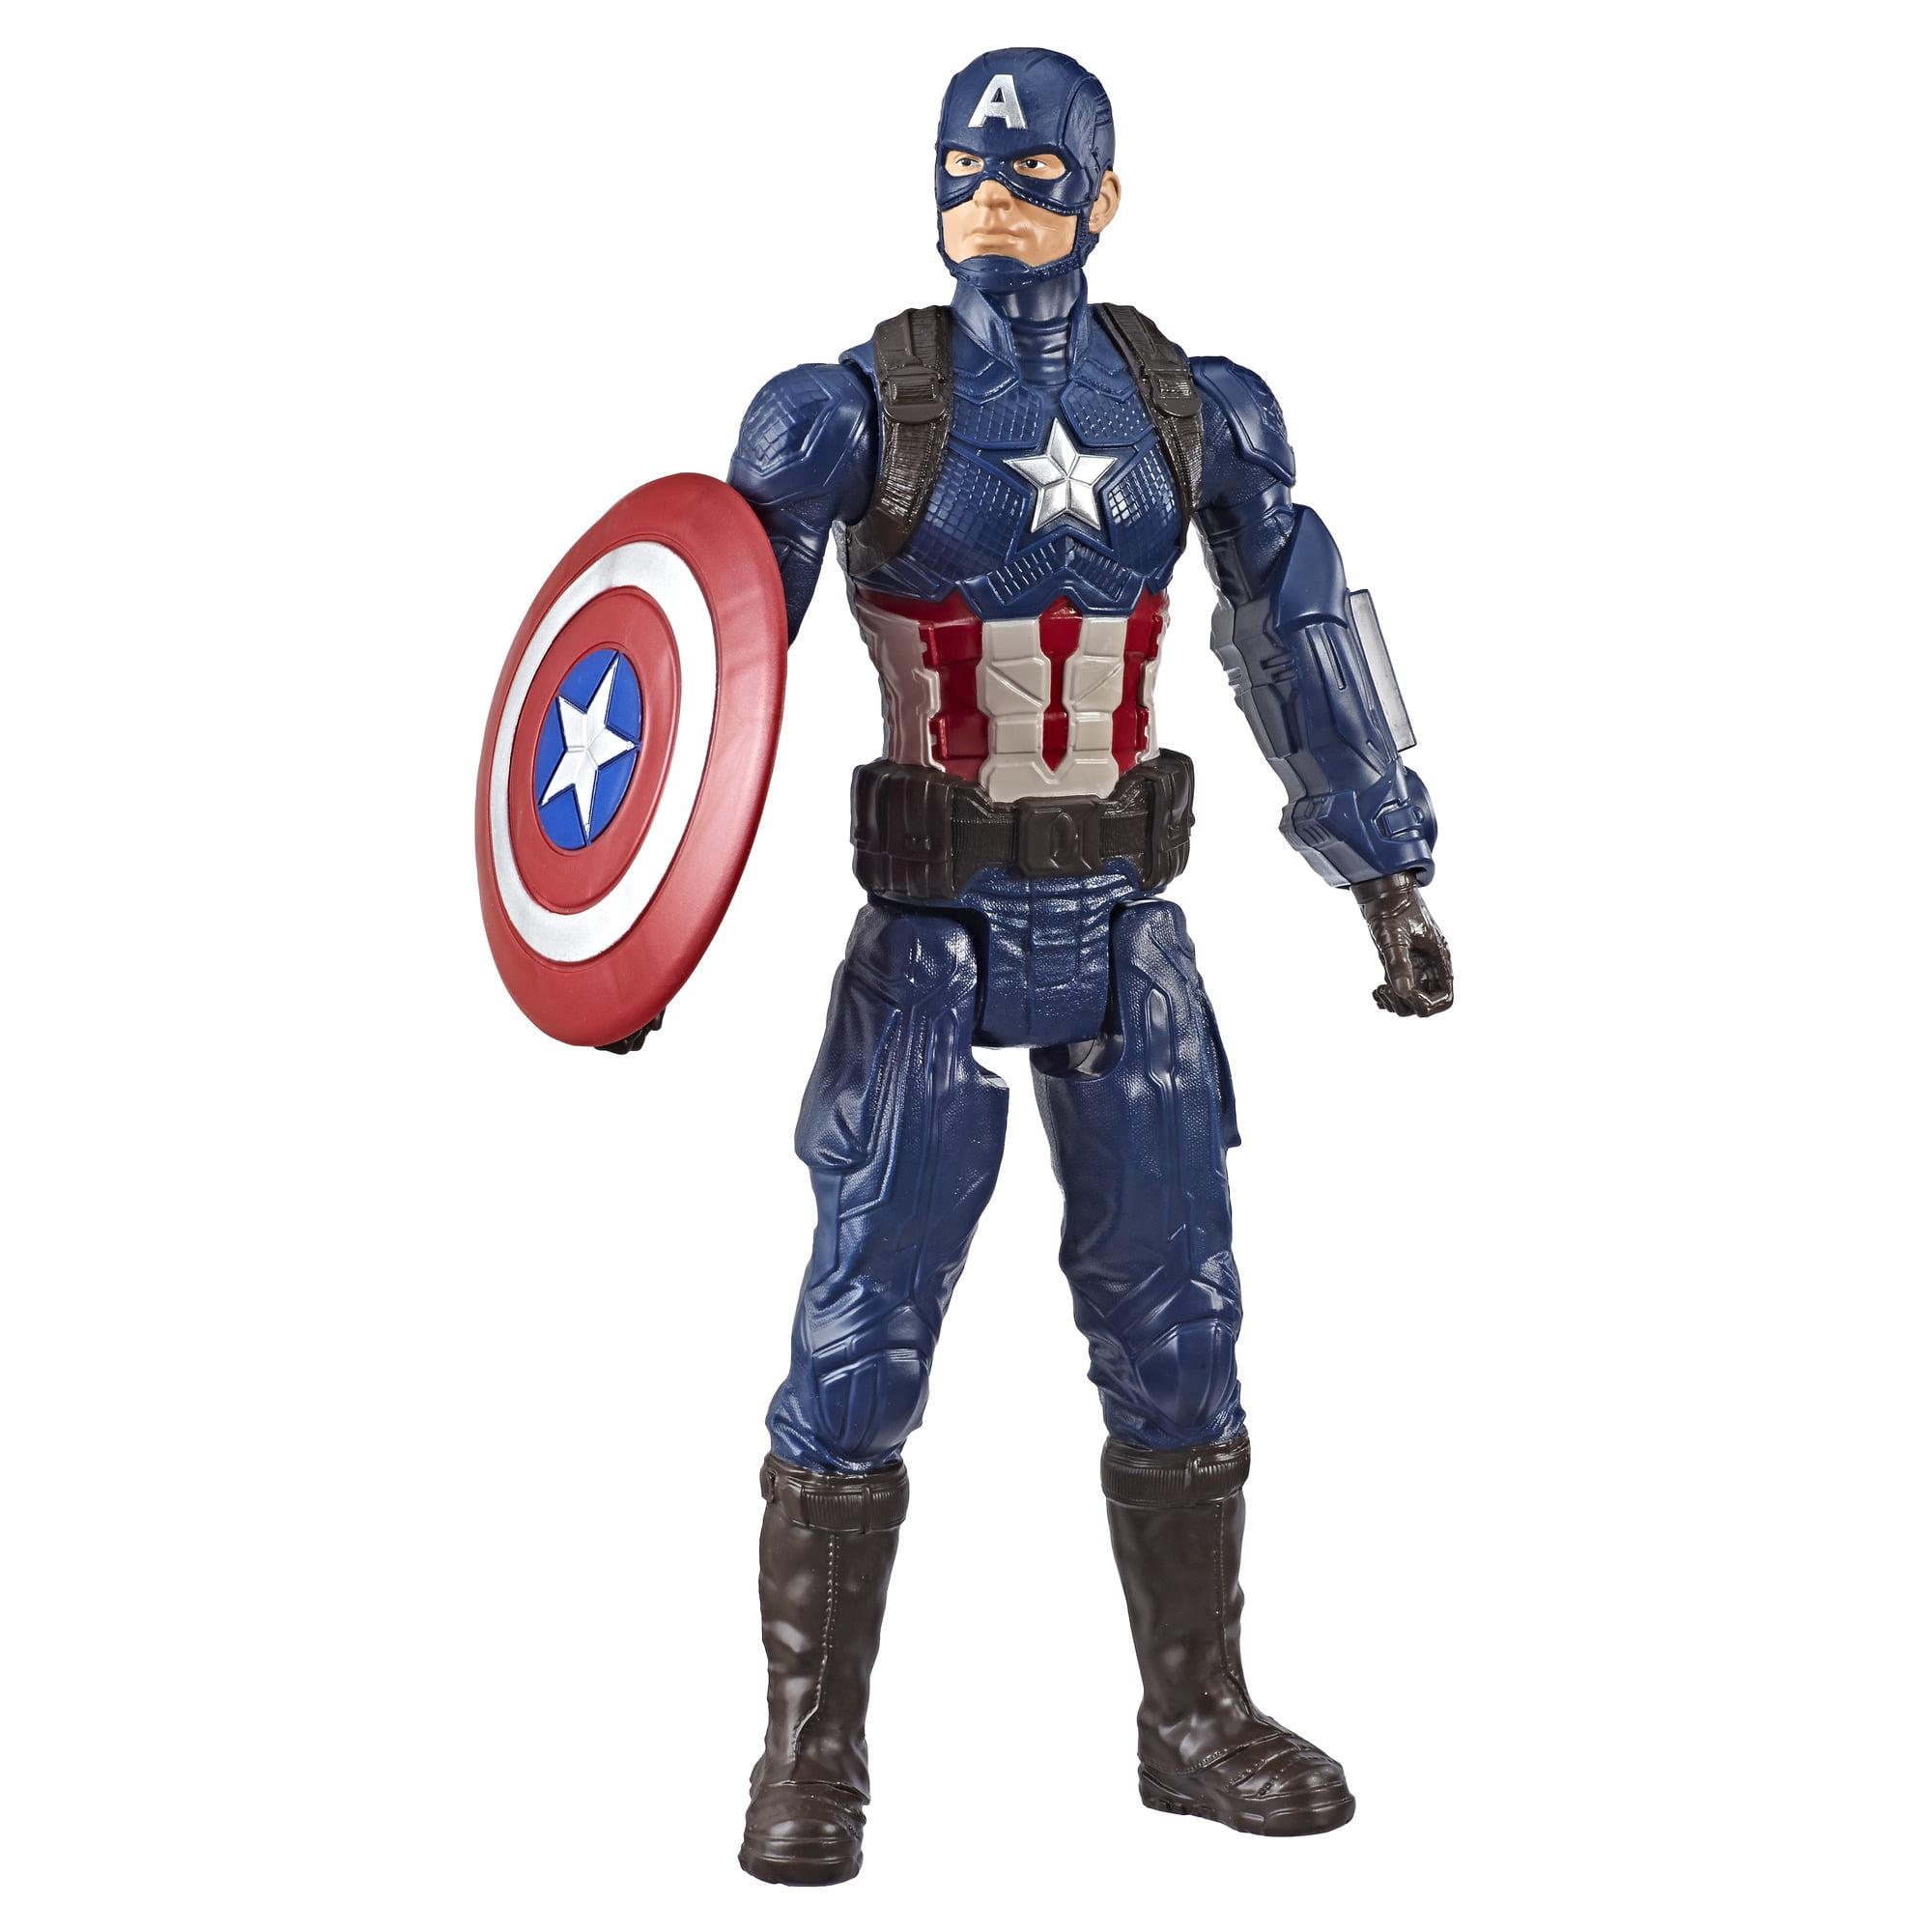 Marvel Avengers: Endgame Titan Hero Series Captain America Figure